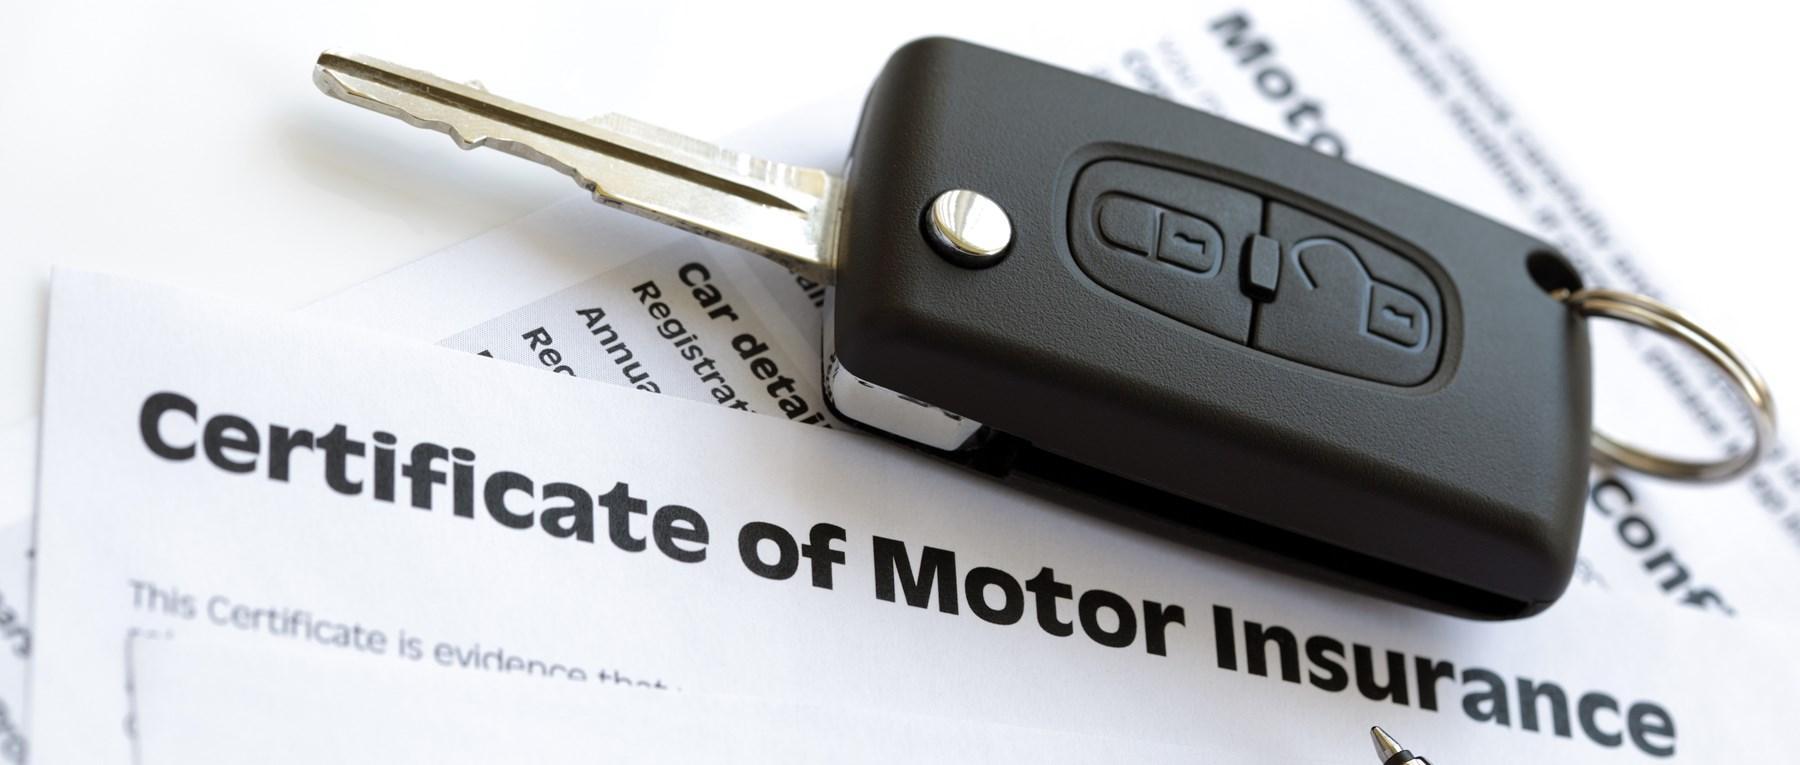 Car keys over certificate of motor insurance